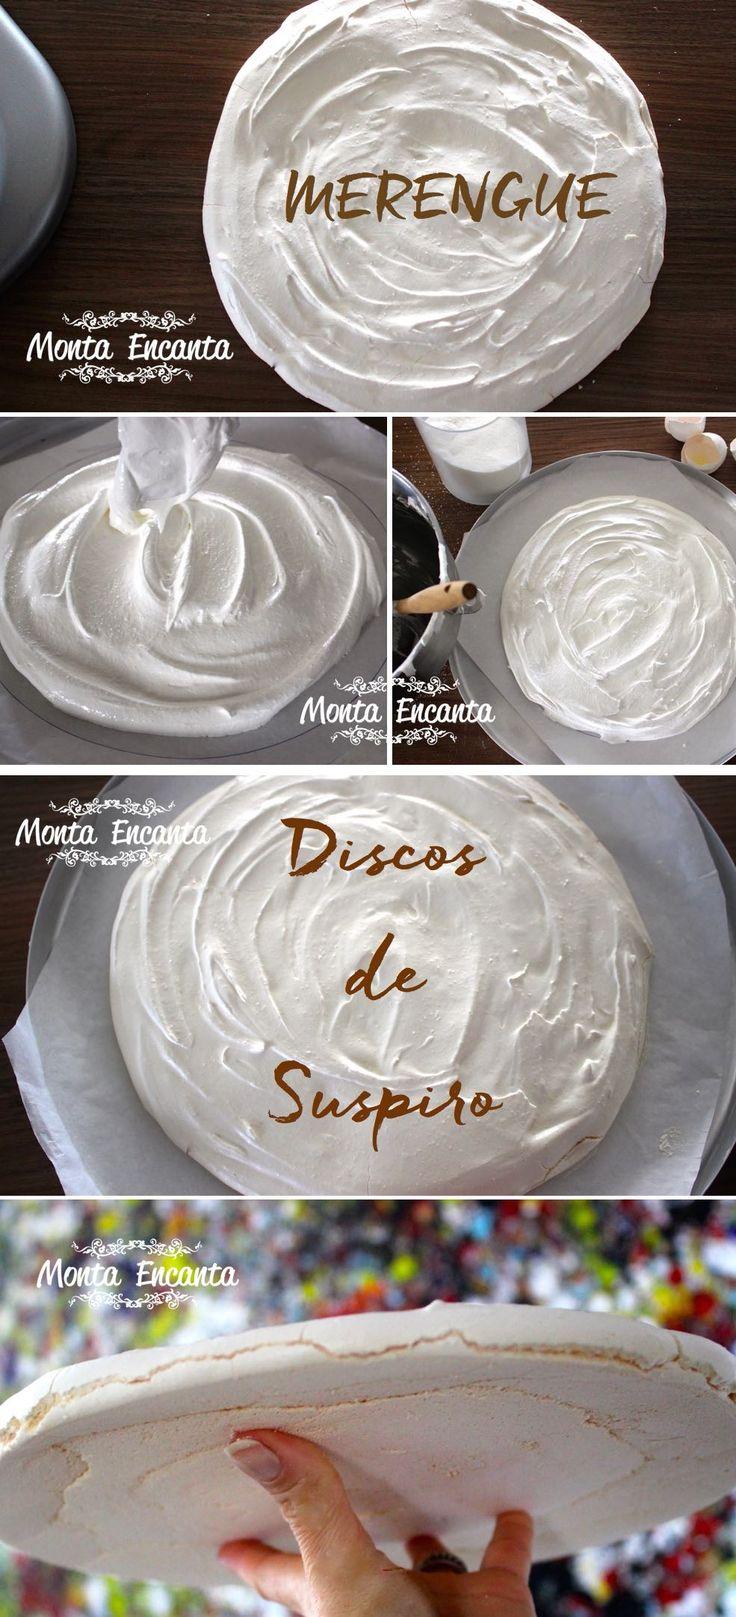 Disco de Suspiro ou de merengue. Leve, aerado, crocante, bem gostoso e muito fácil de fazer. Basta bater claras em neve, adicionar açúcar e dar o formato.